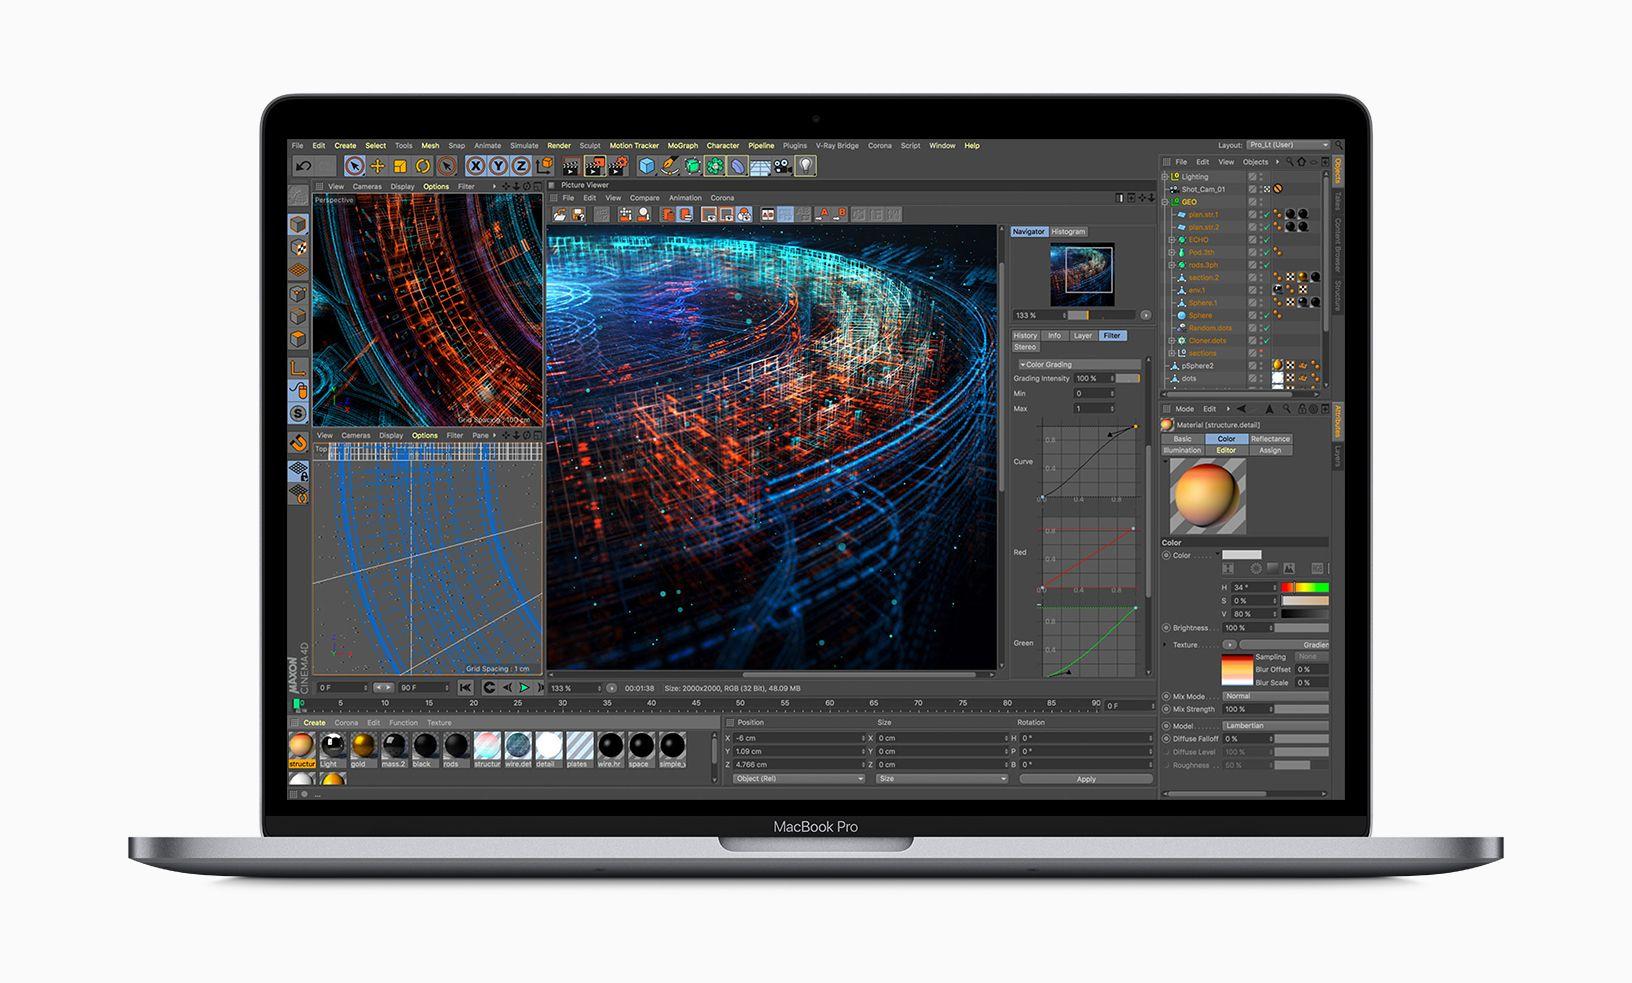 Apple представила первый 8-ядерный MacBook Pro и исправила клавиатуру «бабочка» - 1